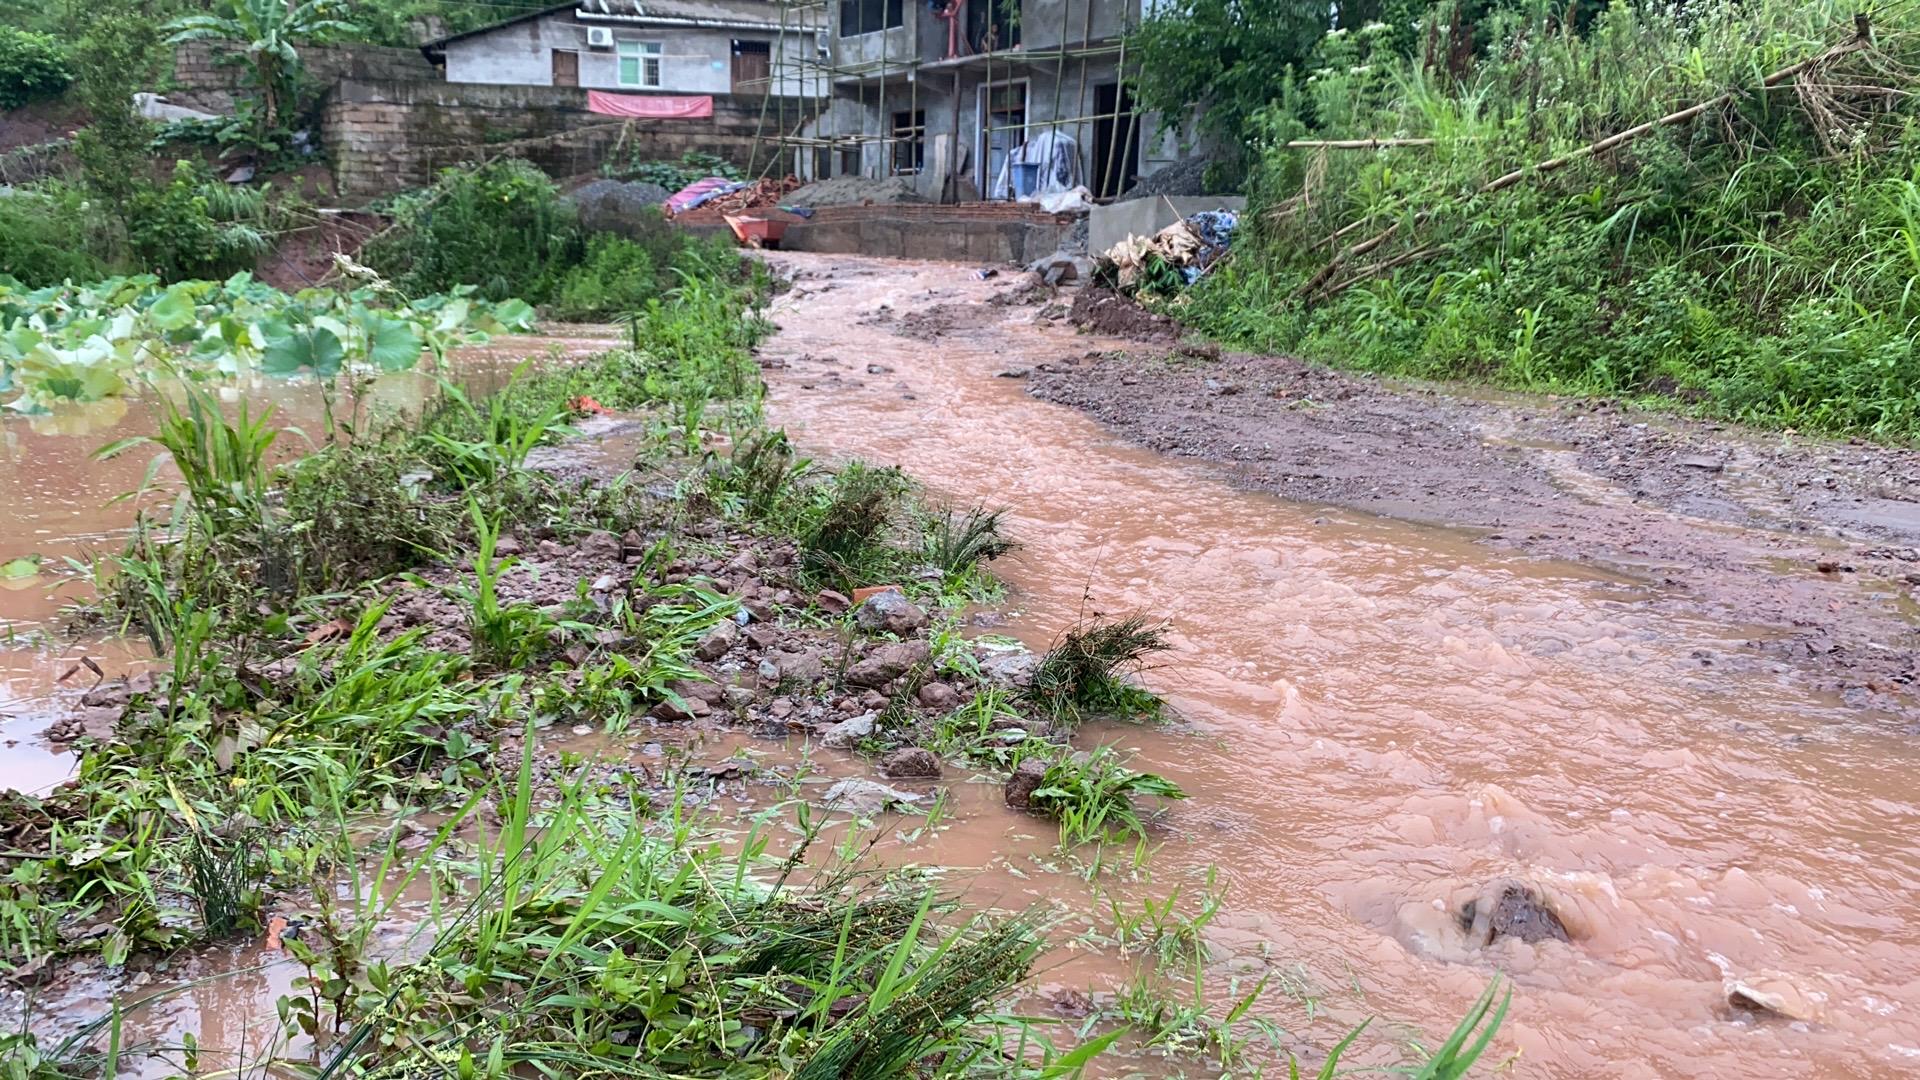 【摩天平台】河洪水和山洪灾害预警调摩天平台整为Ⅳ图片